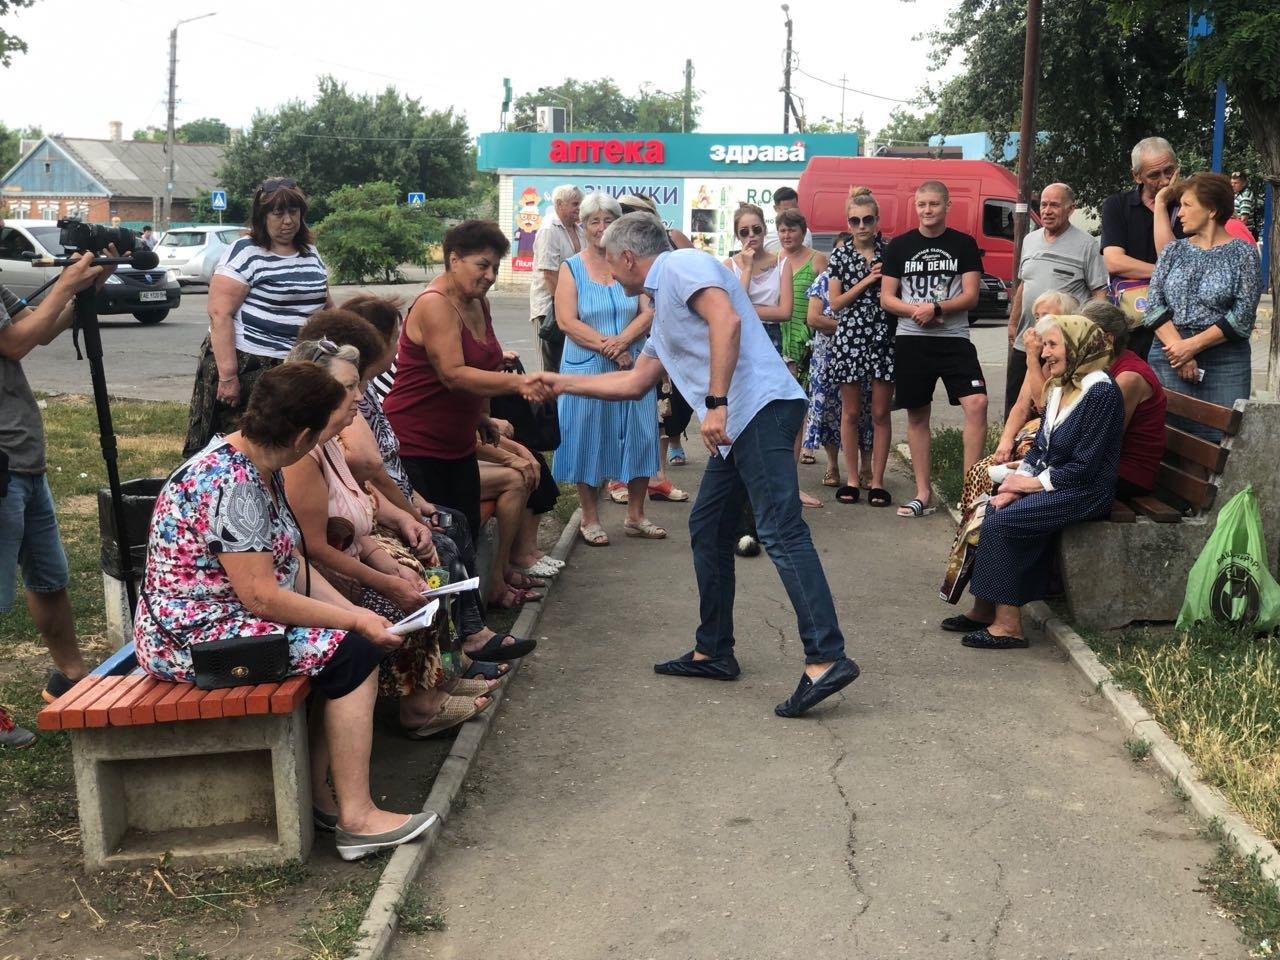 Юрий Щуклин: Бердянск и прилегающие к нему районы готовы к решительным переменам, фото-3